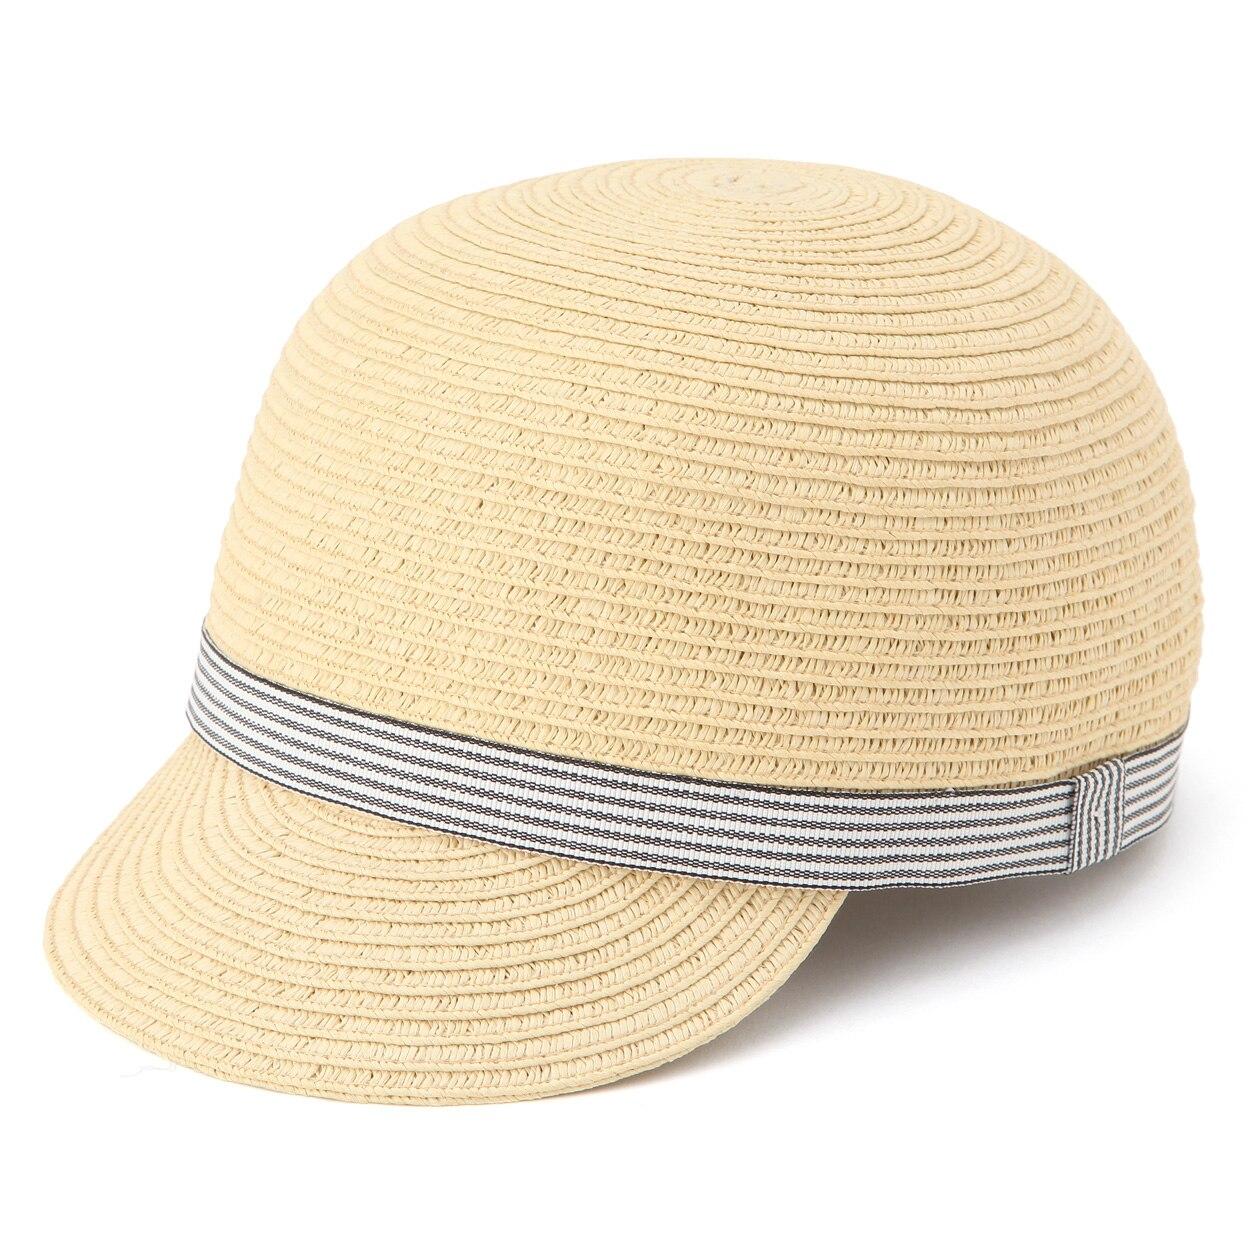 ブレードつば付帽子